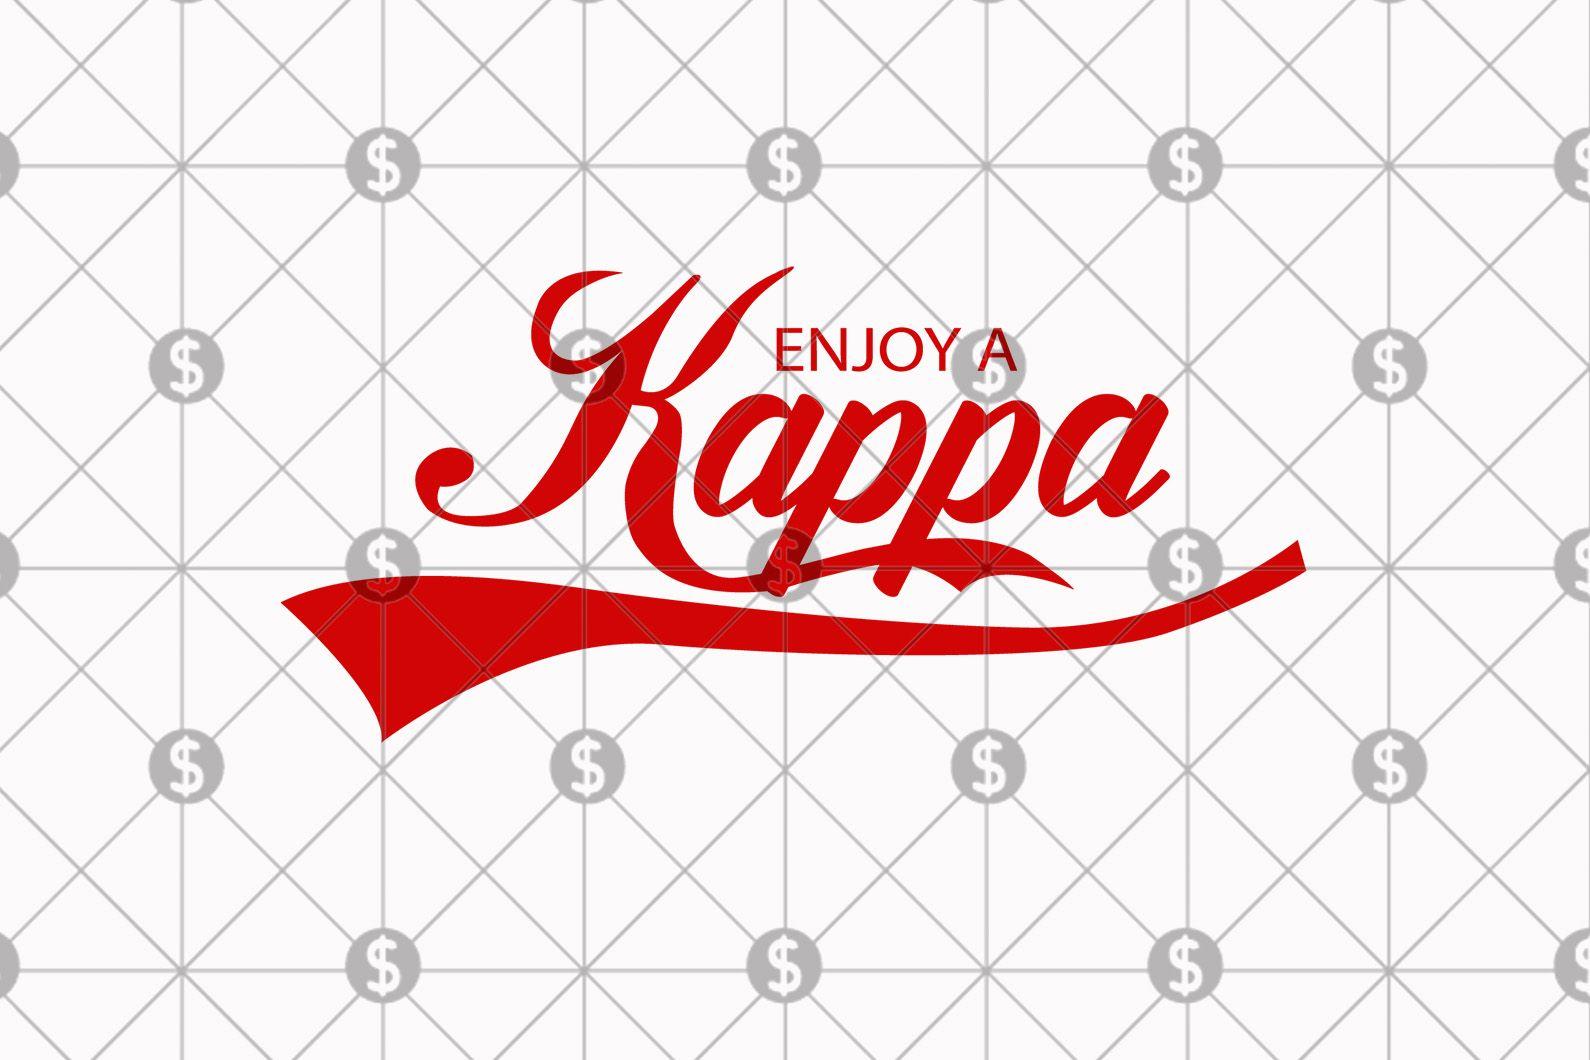 Pin on Kappa alpha psi